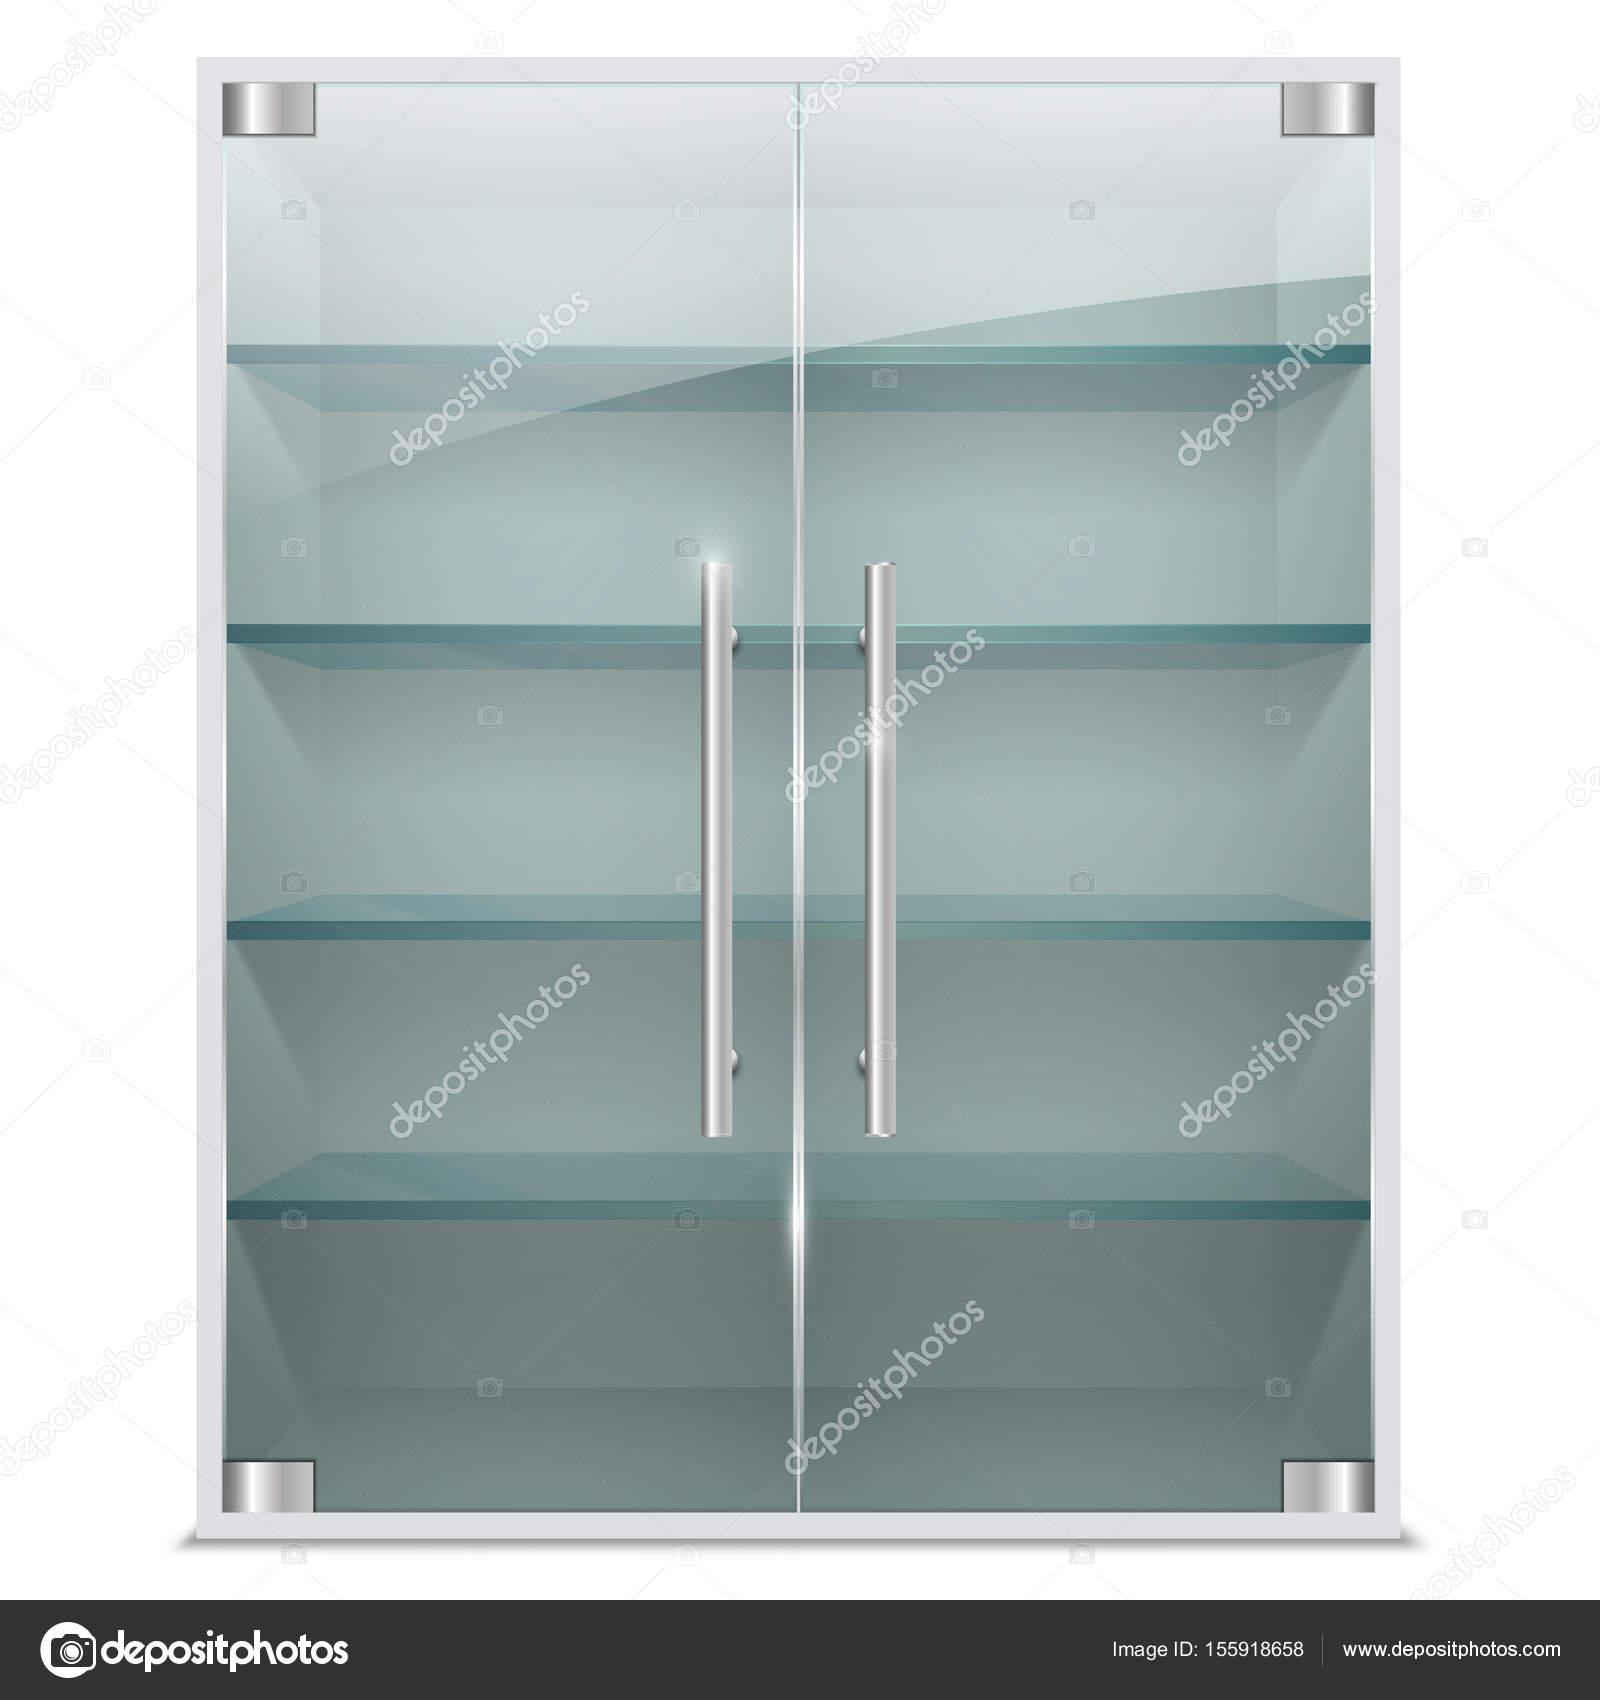 Realista gabinete con puertas de vidrio transparente — Archivo ...